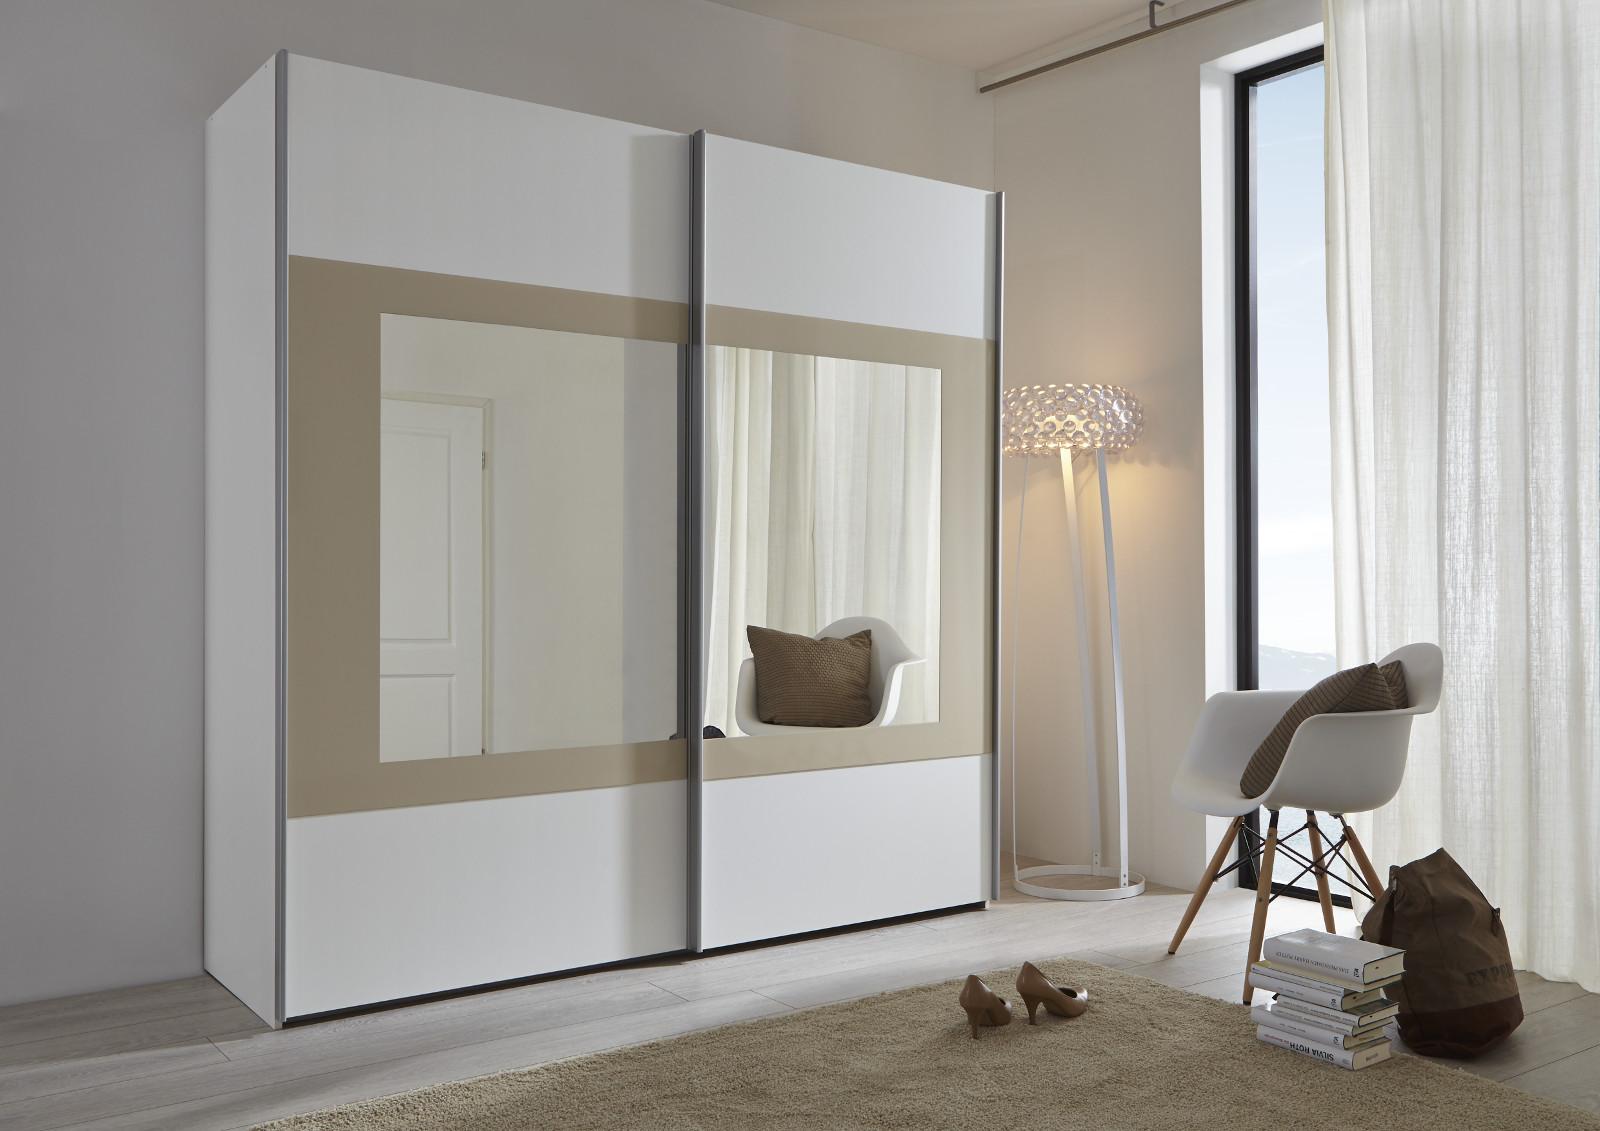 Schwebetürenschrank spiegel schwarz  Schwebetürenschrank Kleiderschrank weiß Spiegel